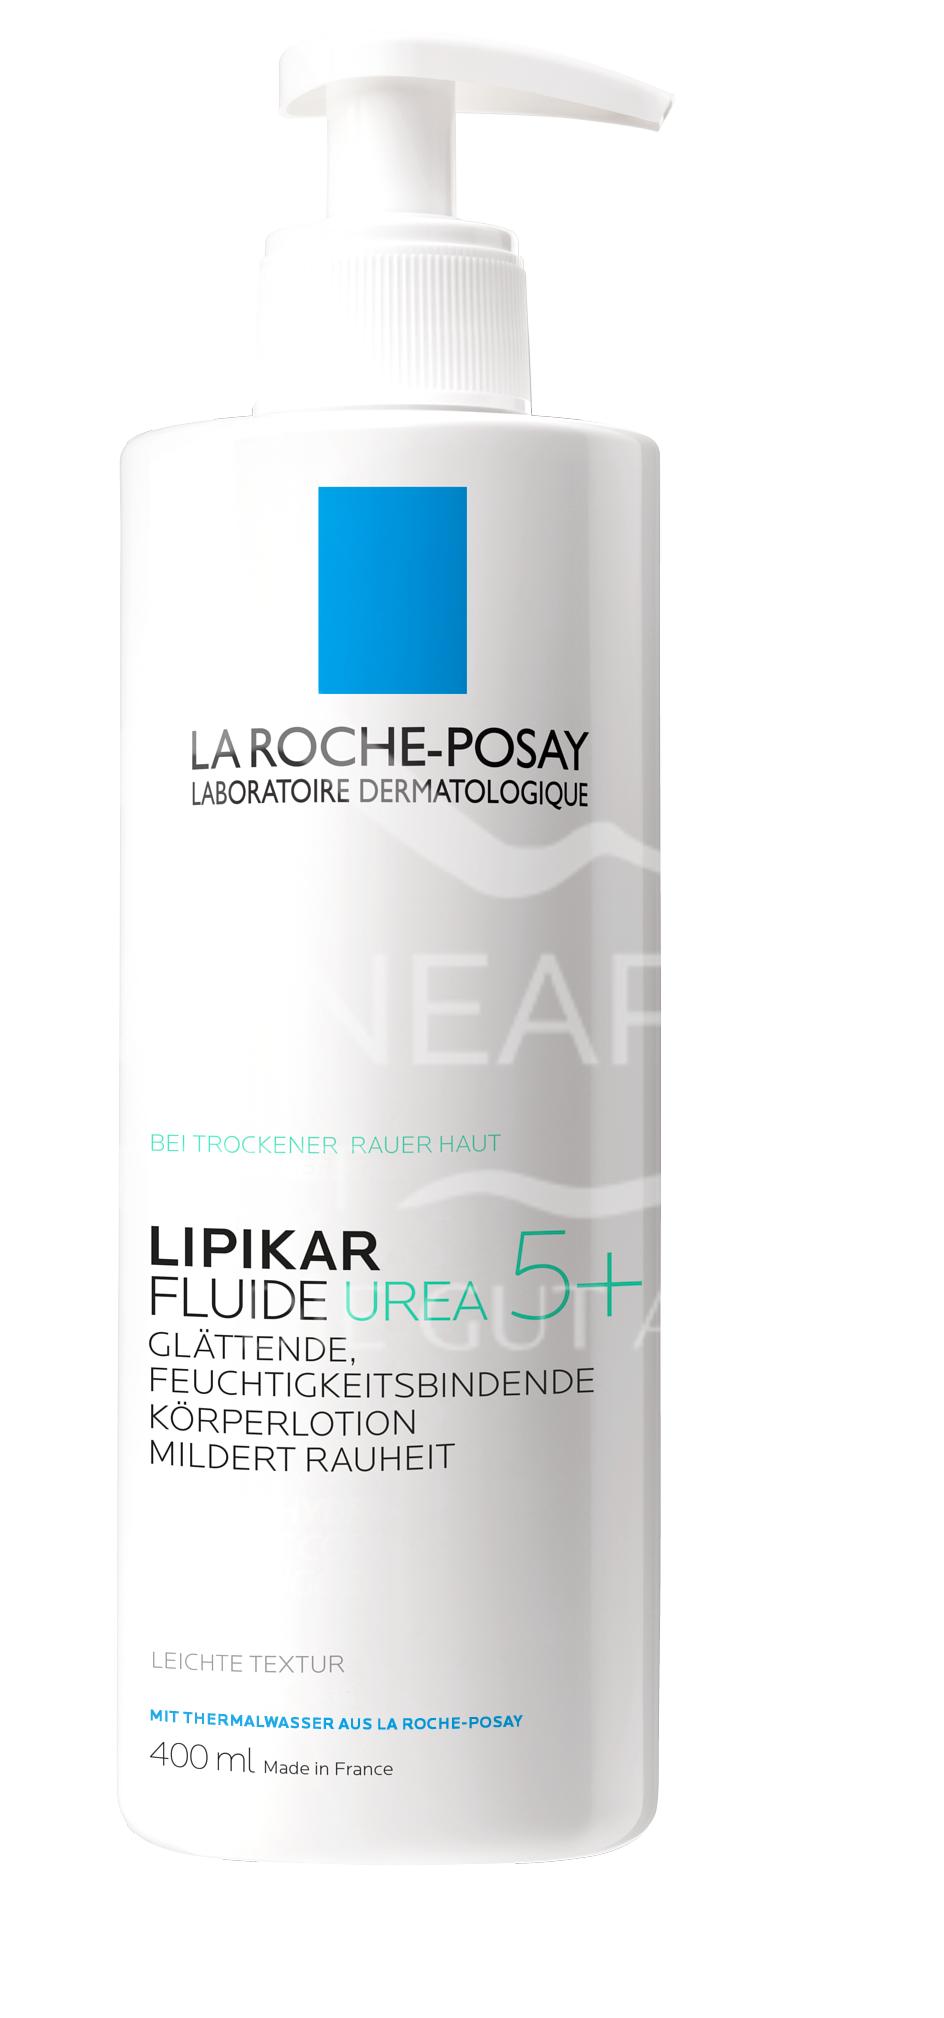 La Roche-Posay Lipikar Urea 5+ Fluide